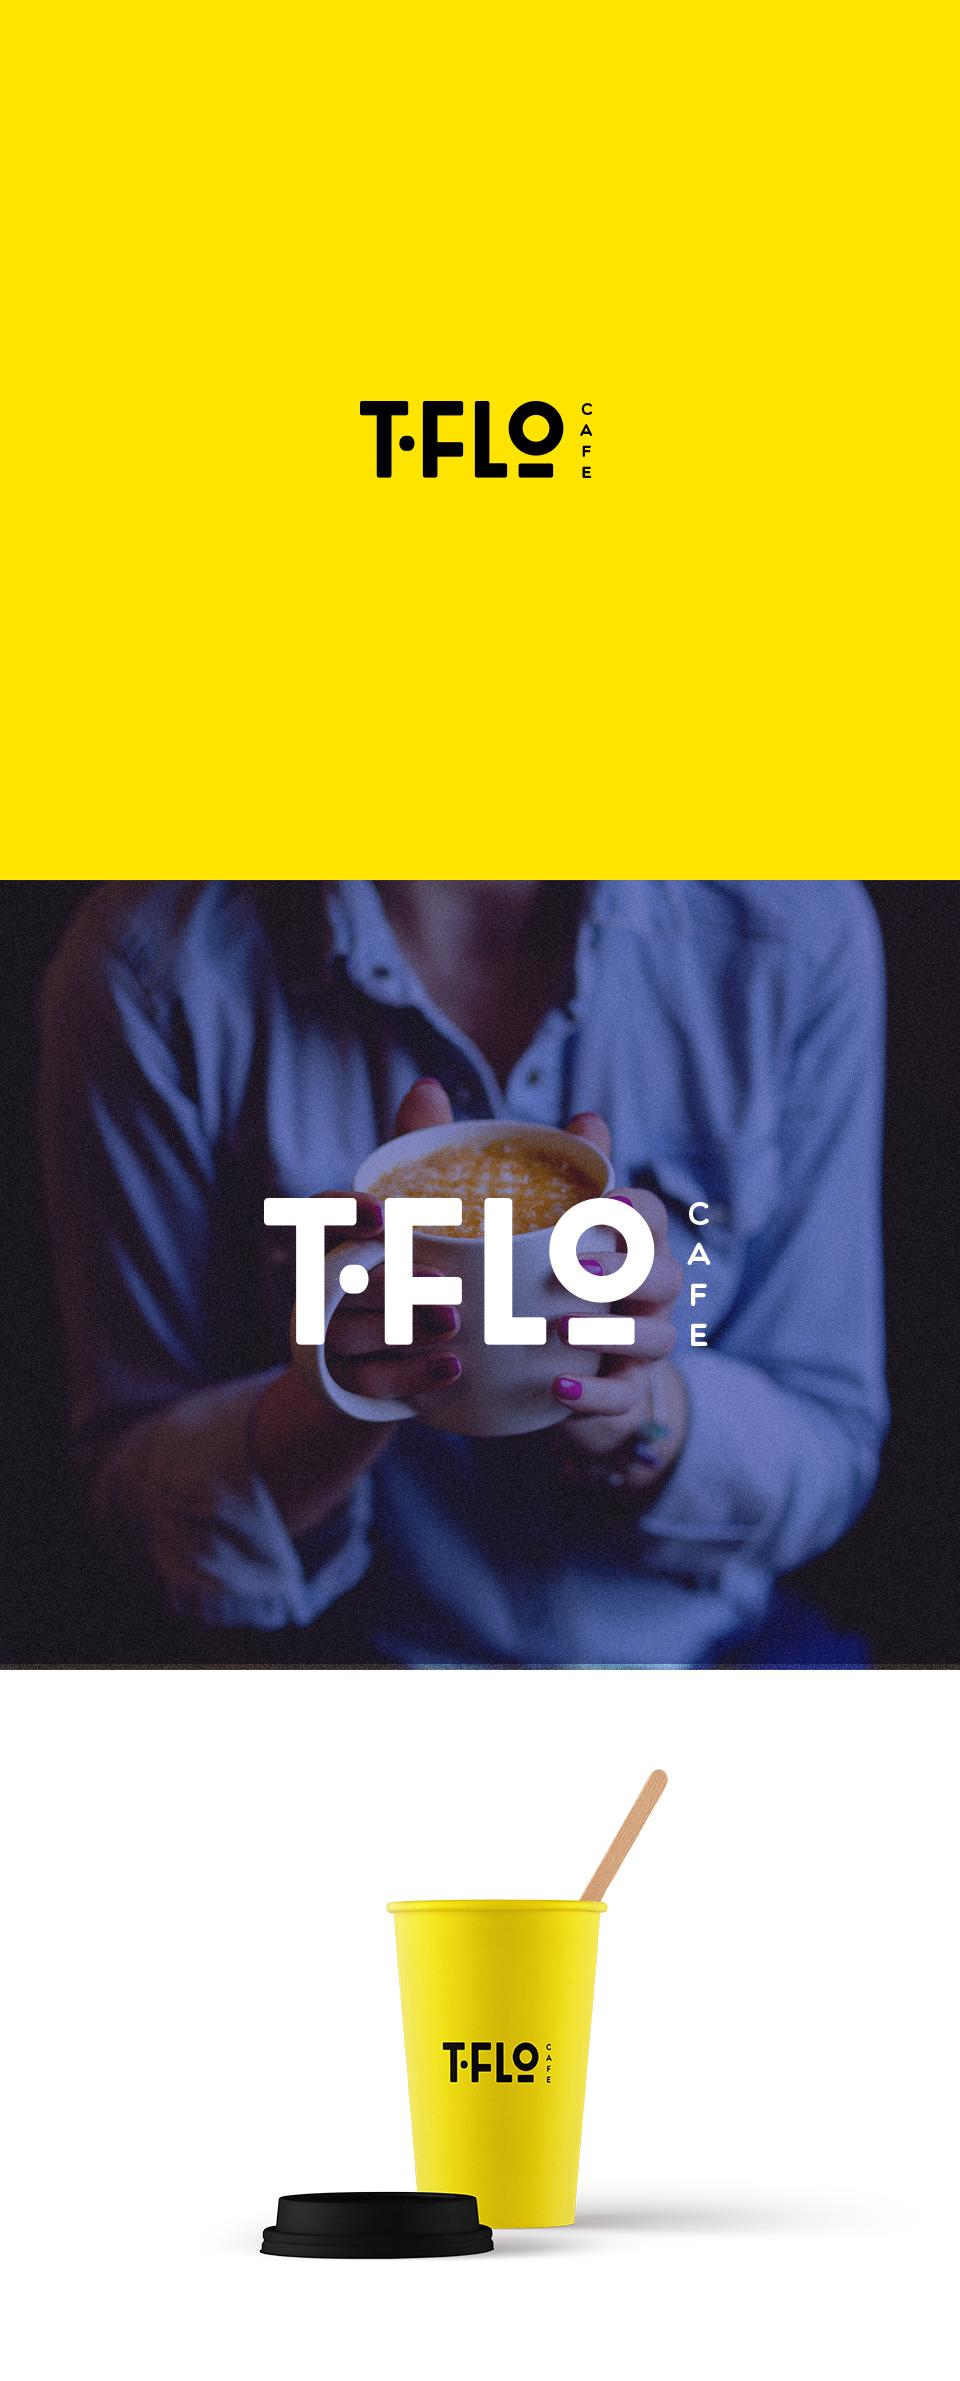 T-flo Cafe logo